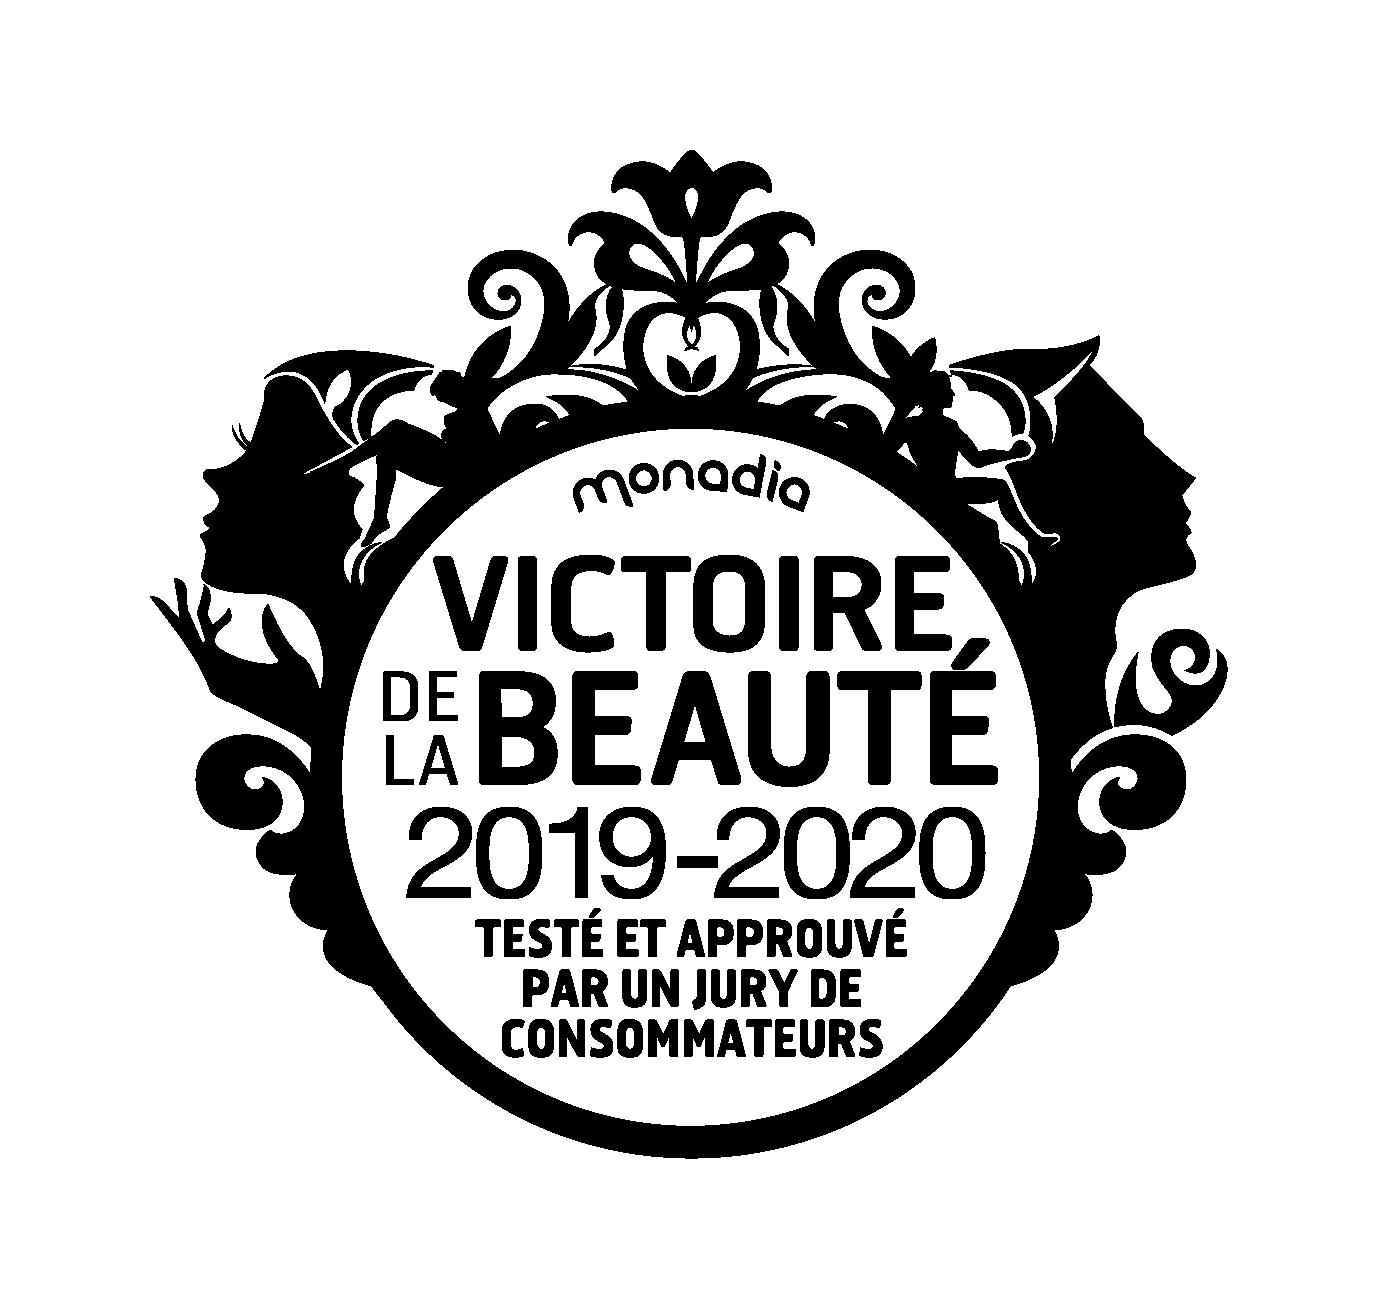 logo_vdb_2019_2020 nb